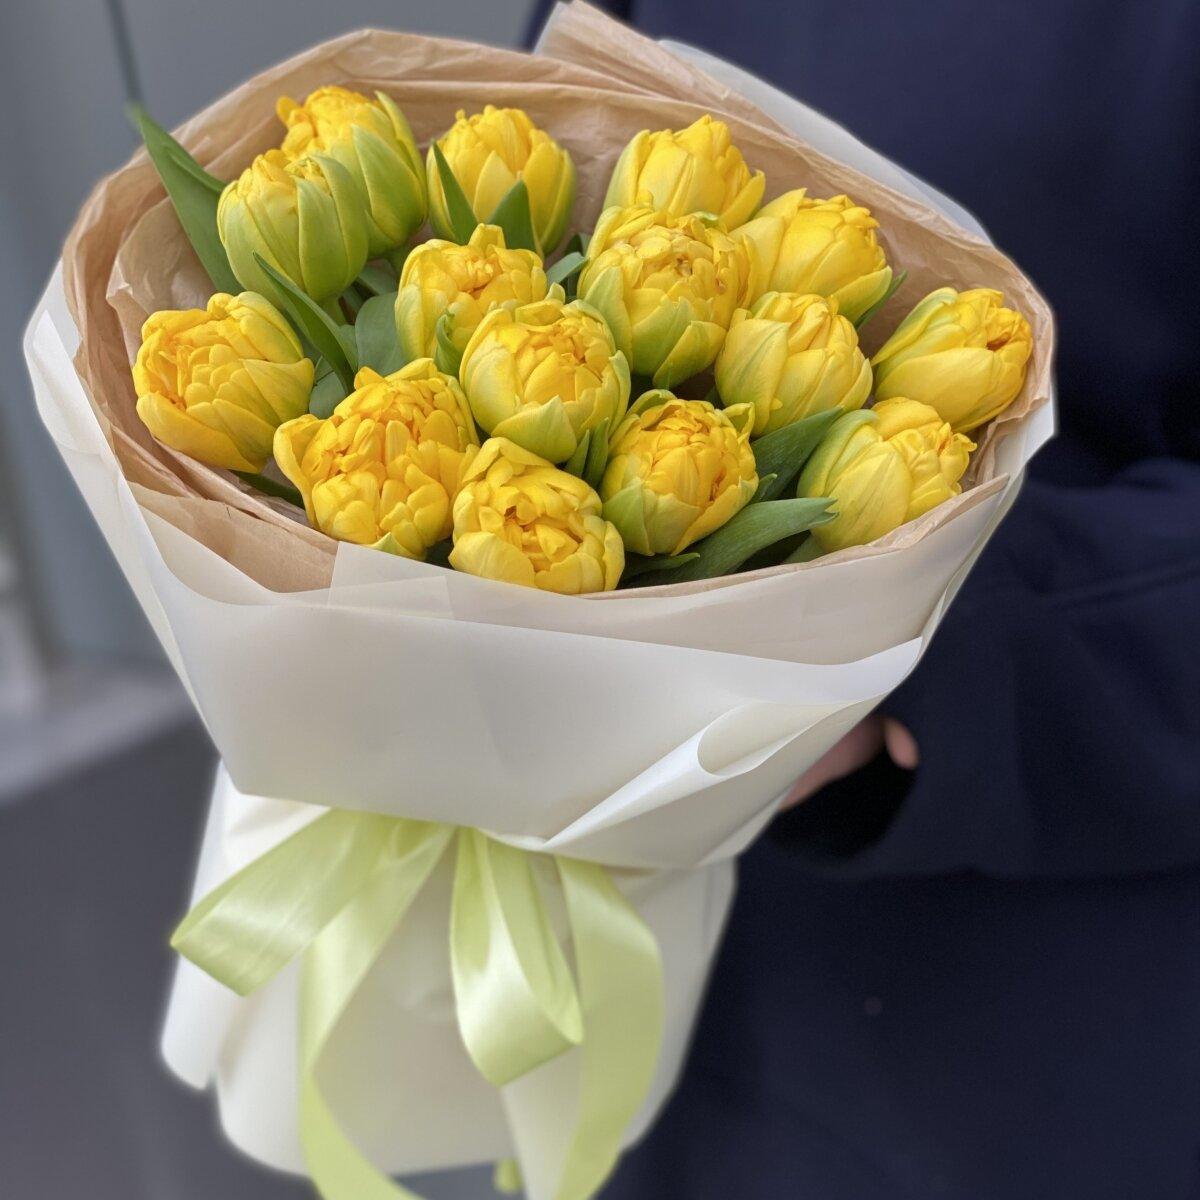 Букет Лучики солнца из желтых пионовидных тюльпанов